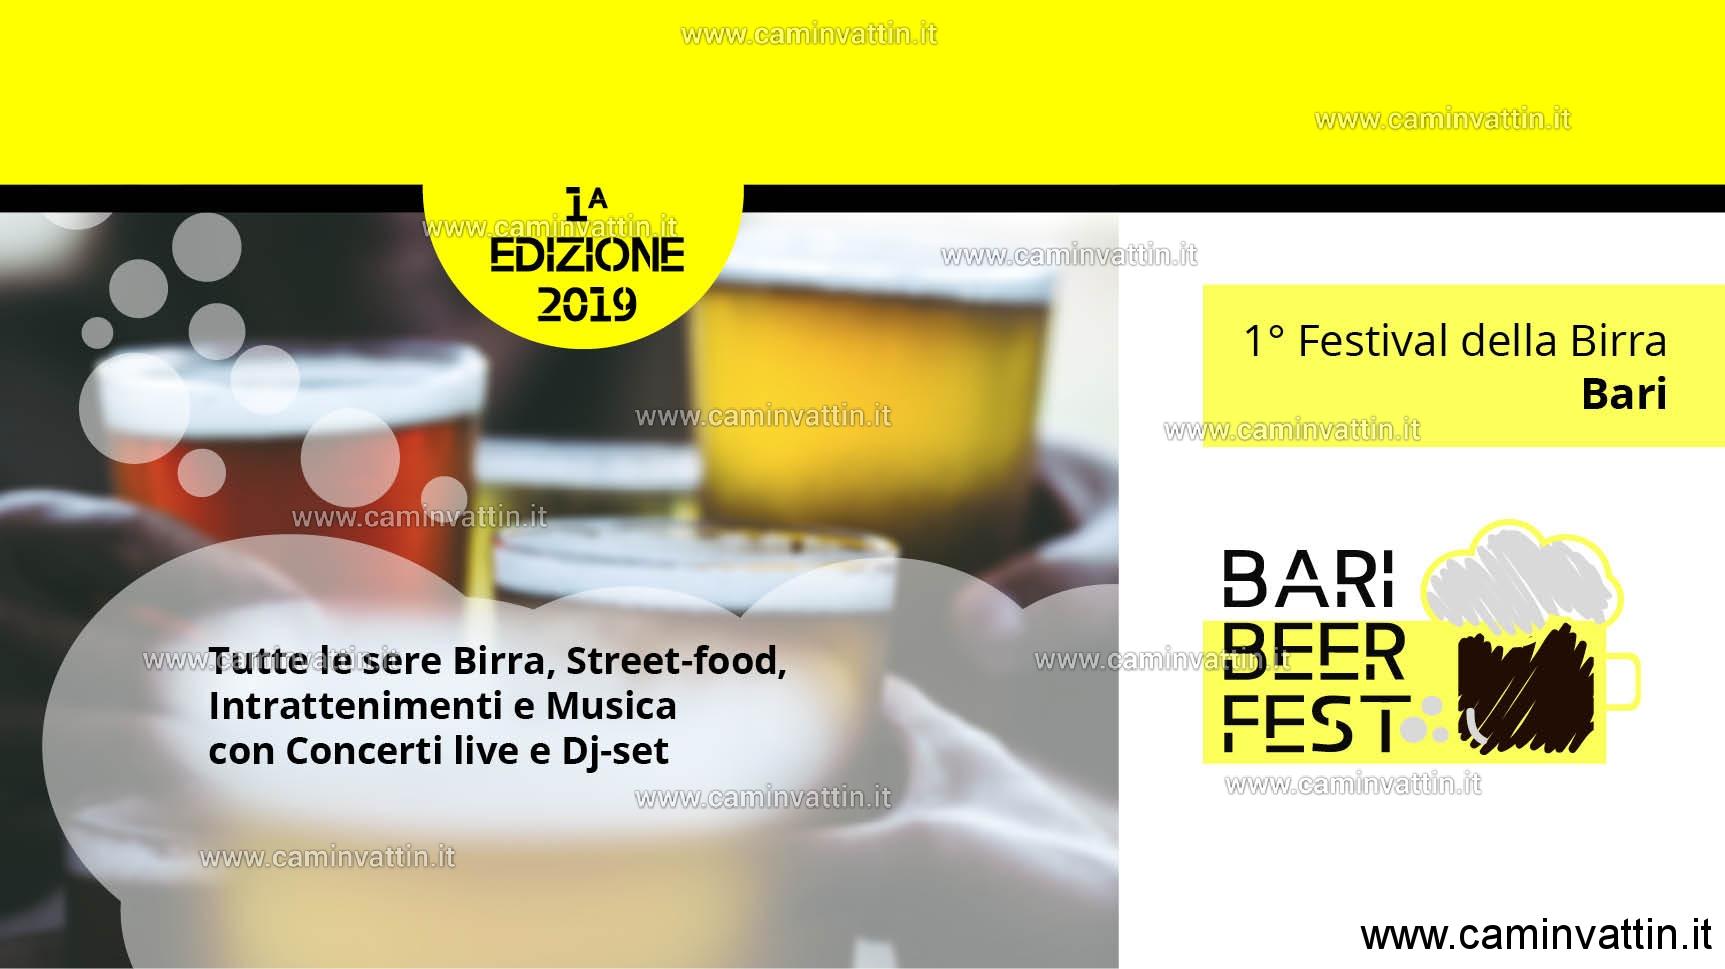 bari beer fest festival della birra